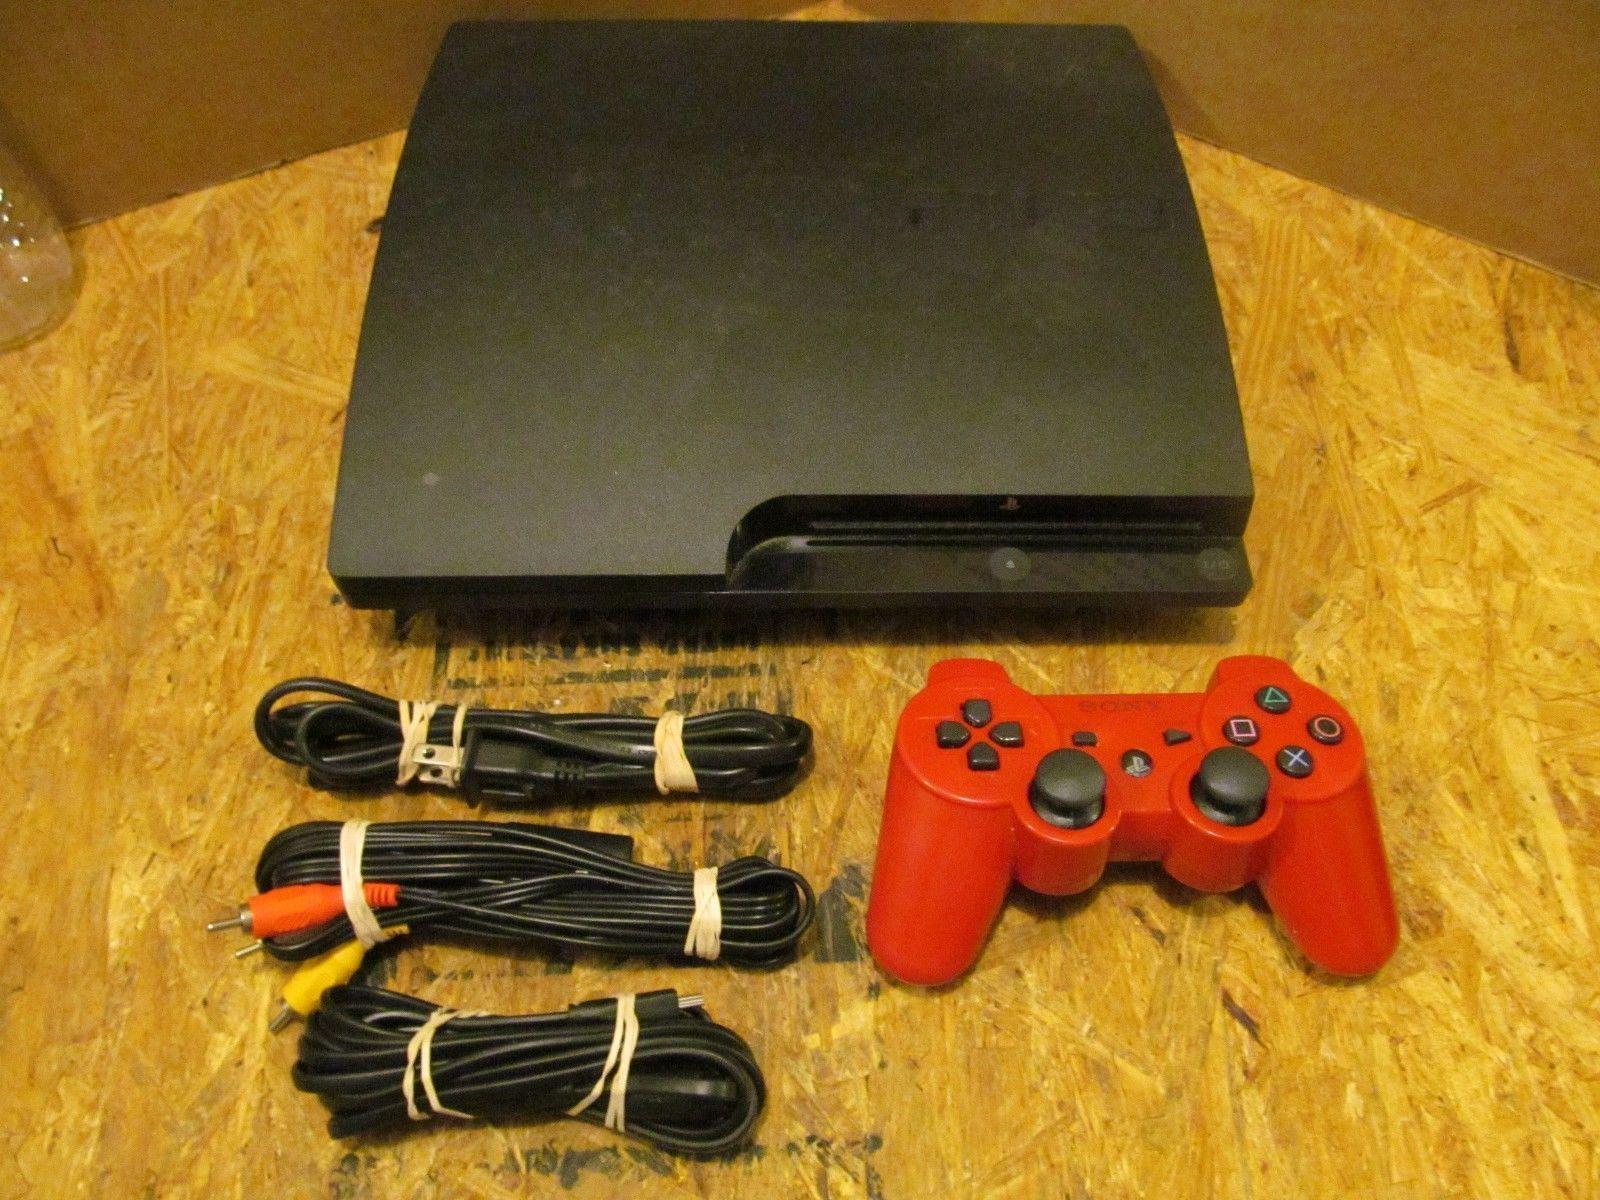 Sony PlayStation 3- (CECH-3001B) 320 GB Slim Console  (Lot 7050) https://t.co/I84A2x4w6H https://t.co/Vsg08TU8Mk